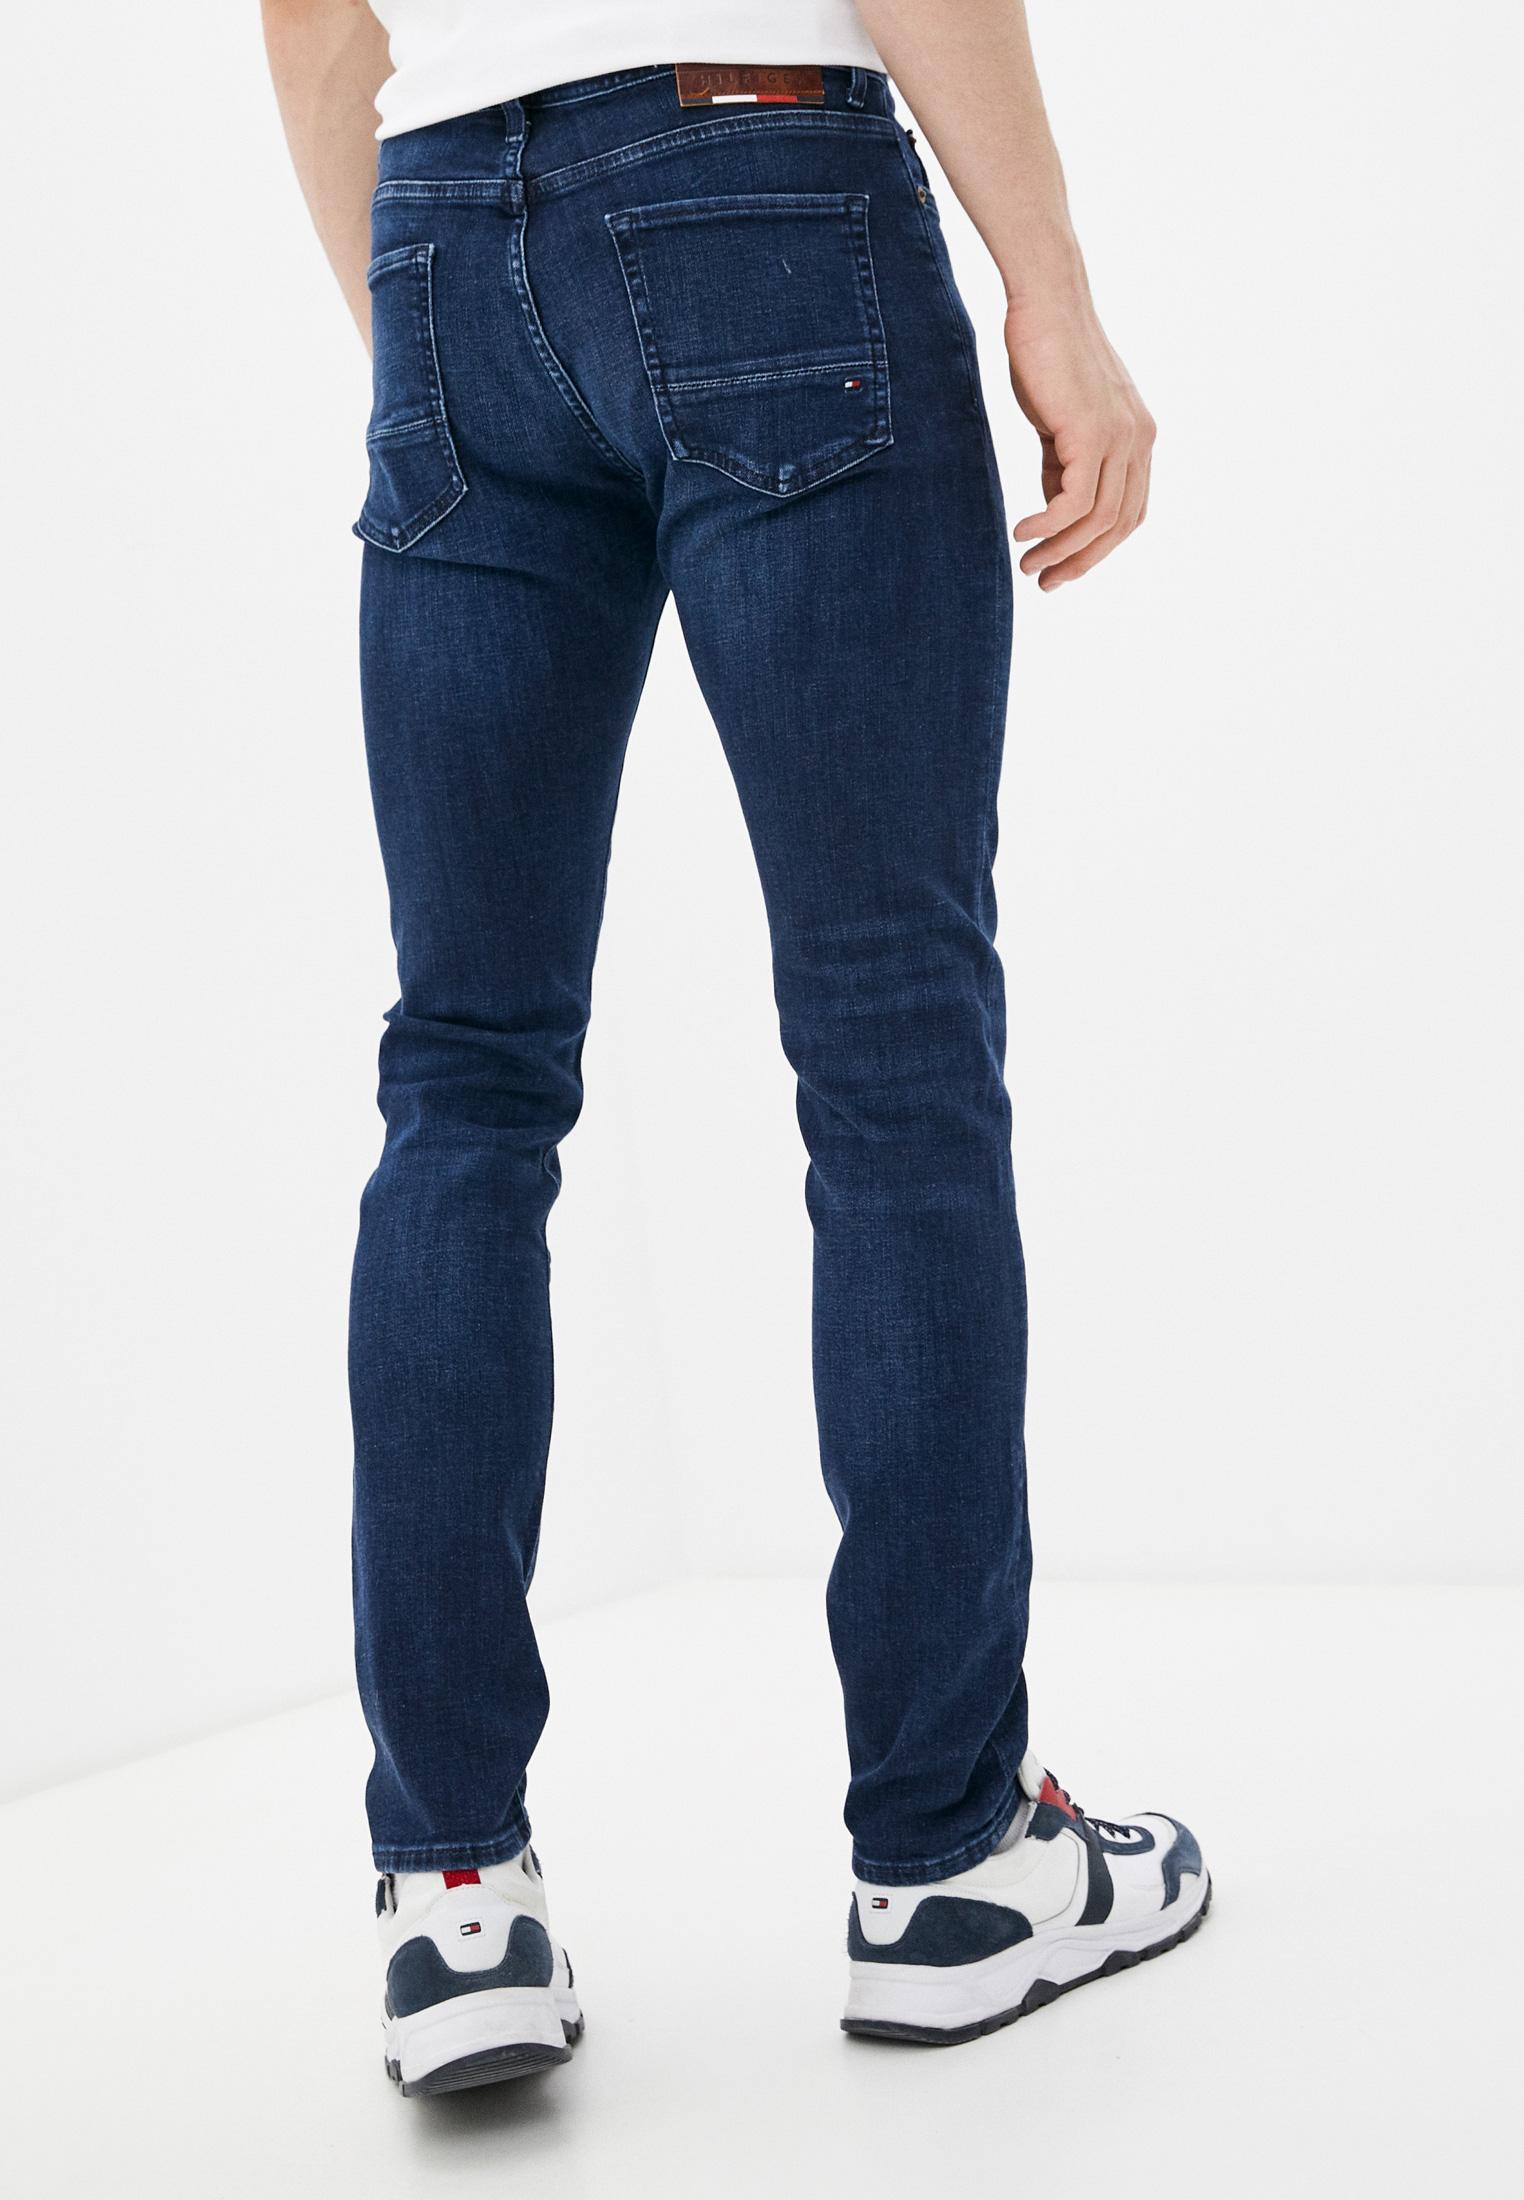 Зауженные джинсы Tommy Hilfiger (Томми Хилфигер) MW0MW15599: изображение 3